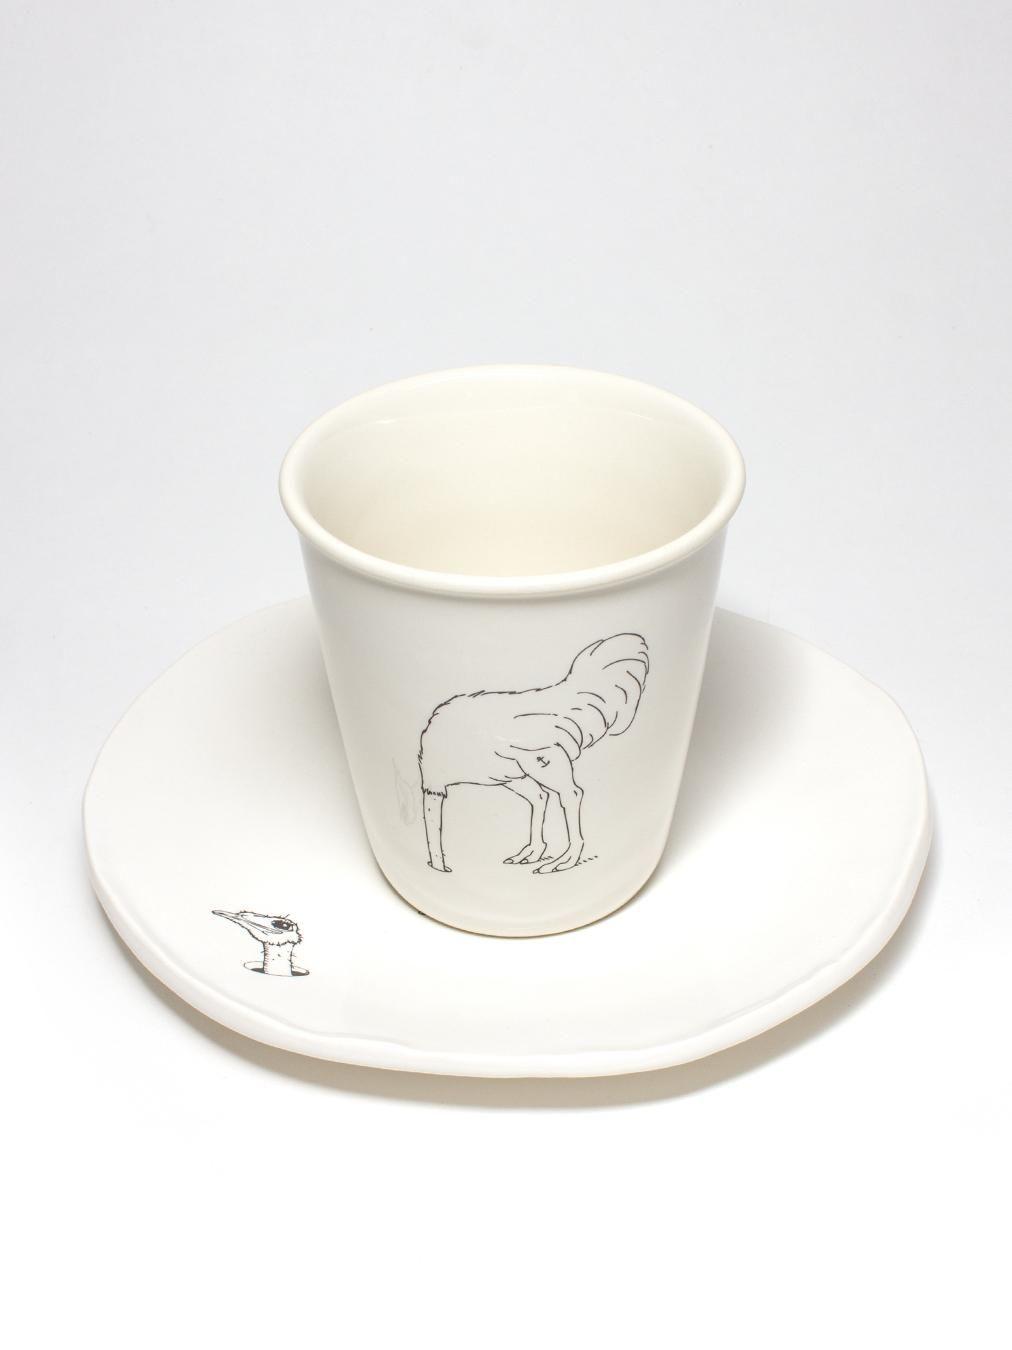 Bazar et Garde-Manger ボナペティ!コレクション オーストリッチカップ…シンプルだけどひょうきんでいいなこれ。きっとソーサーとセットがいいね。